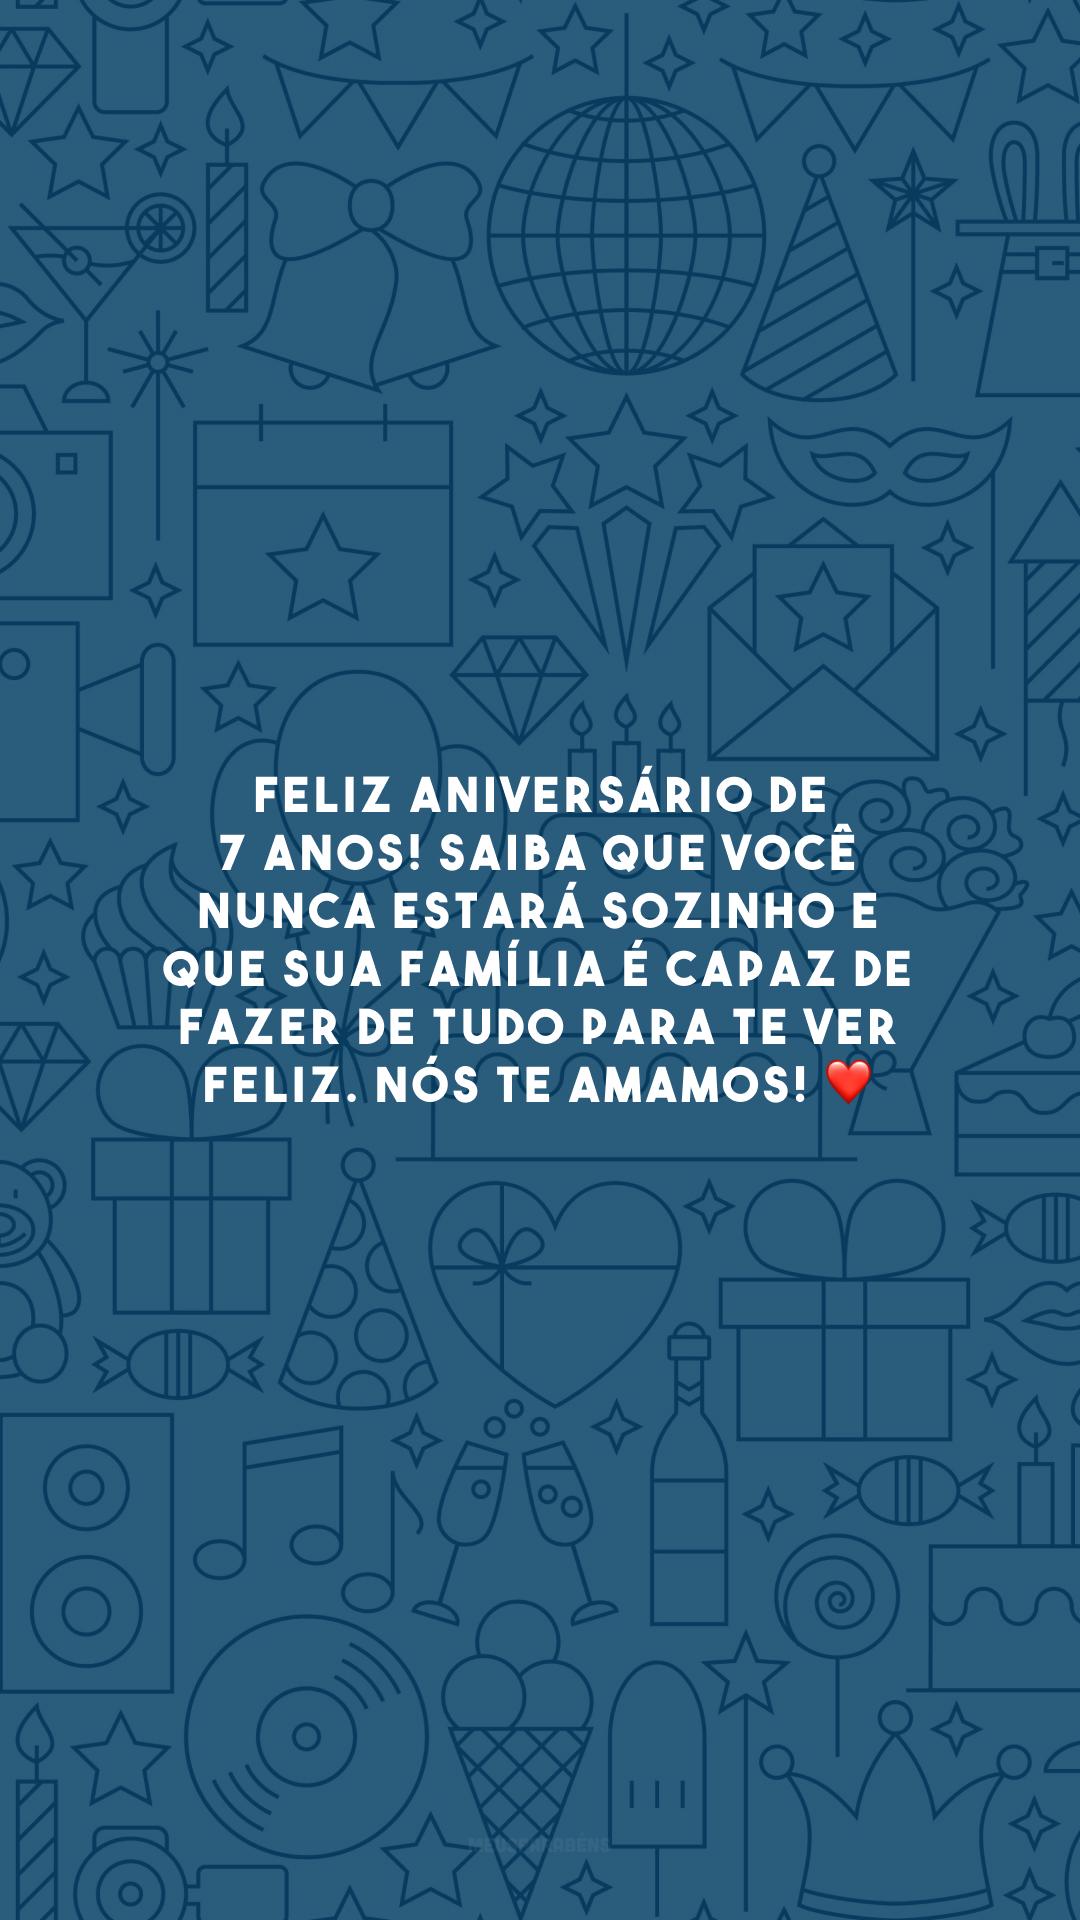 Feliz aniversário de 7 anos! Saiba que você nunca estará sozinho e que sua família é capaz de fazer de tudo para te ver feliz. Nós te amamos! ❤️